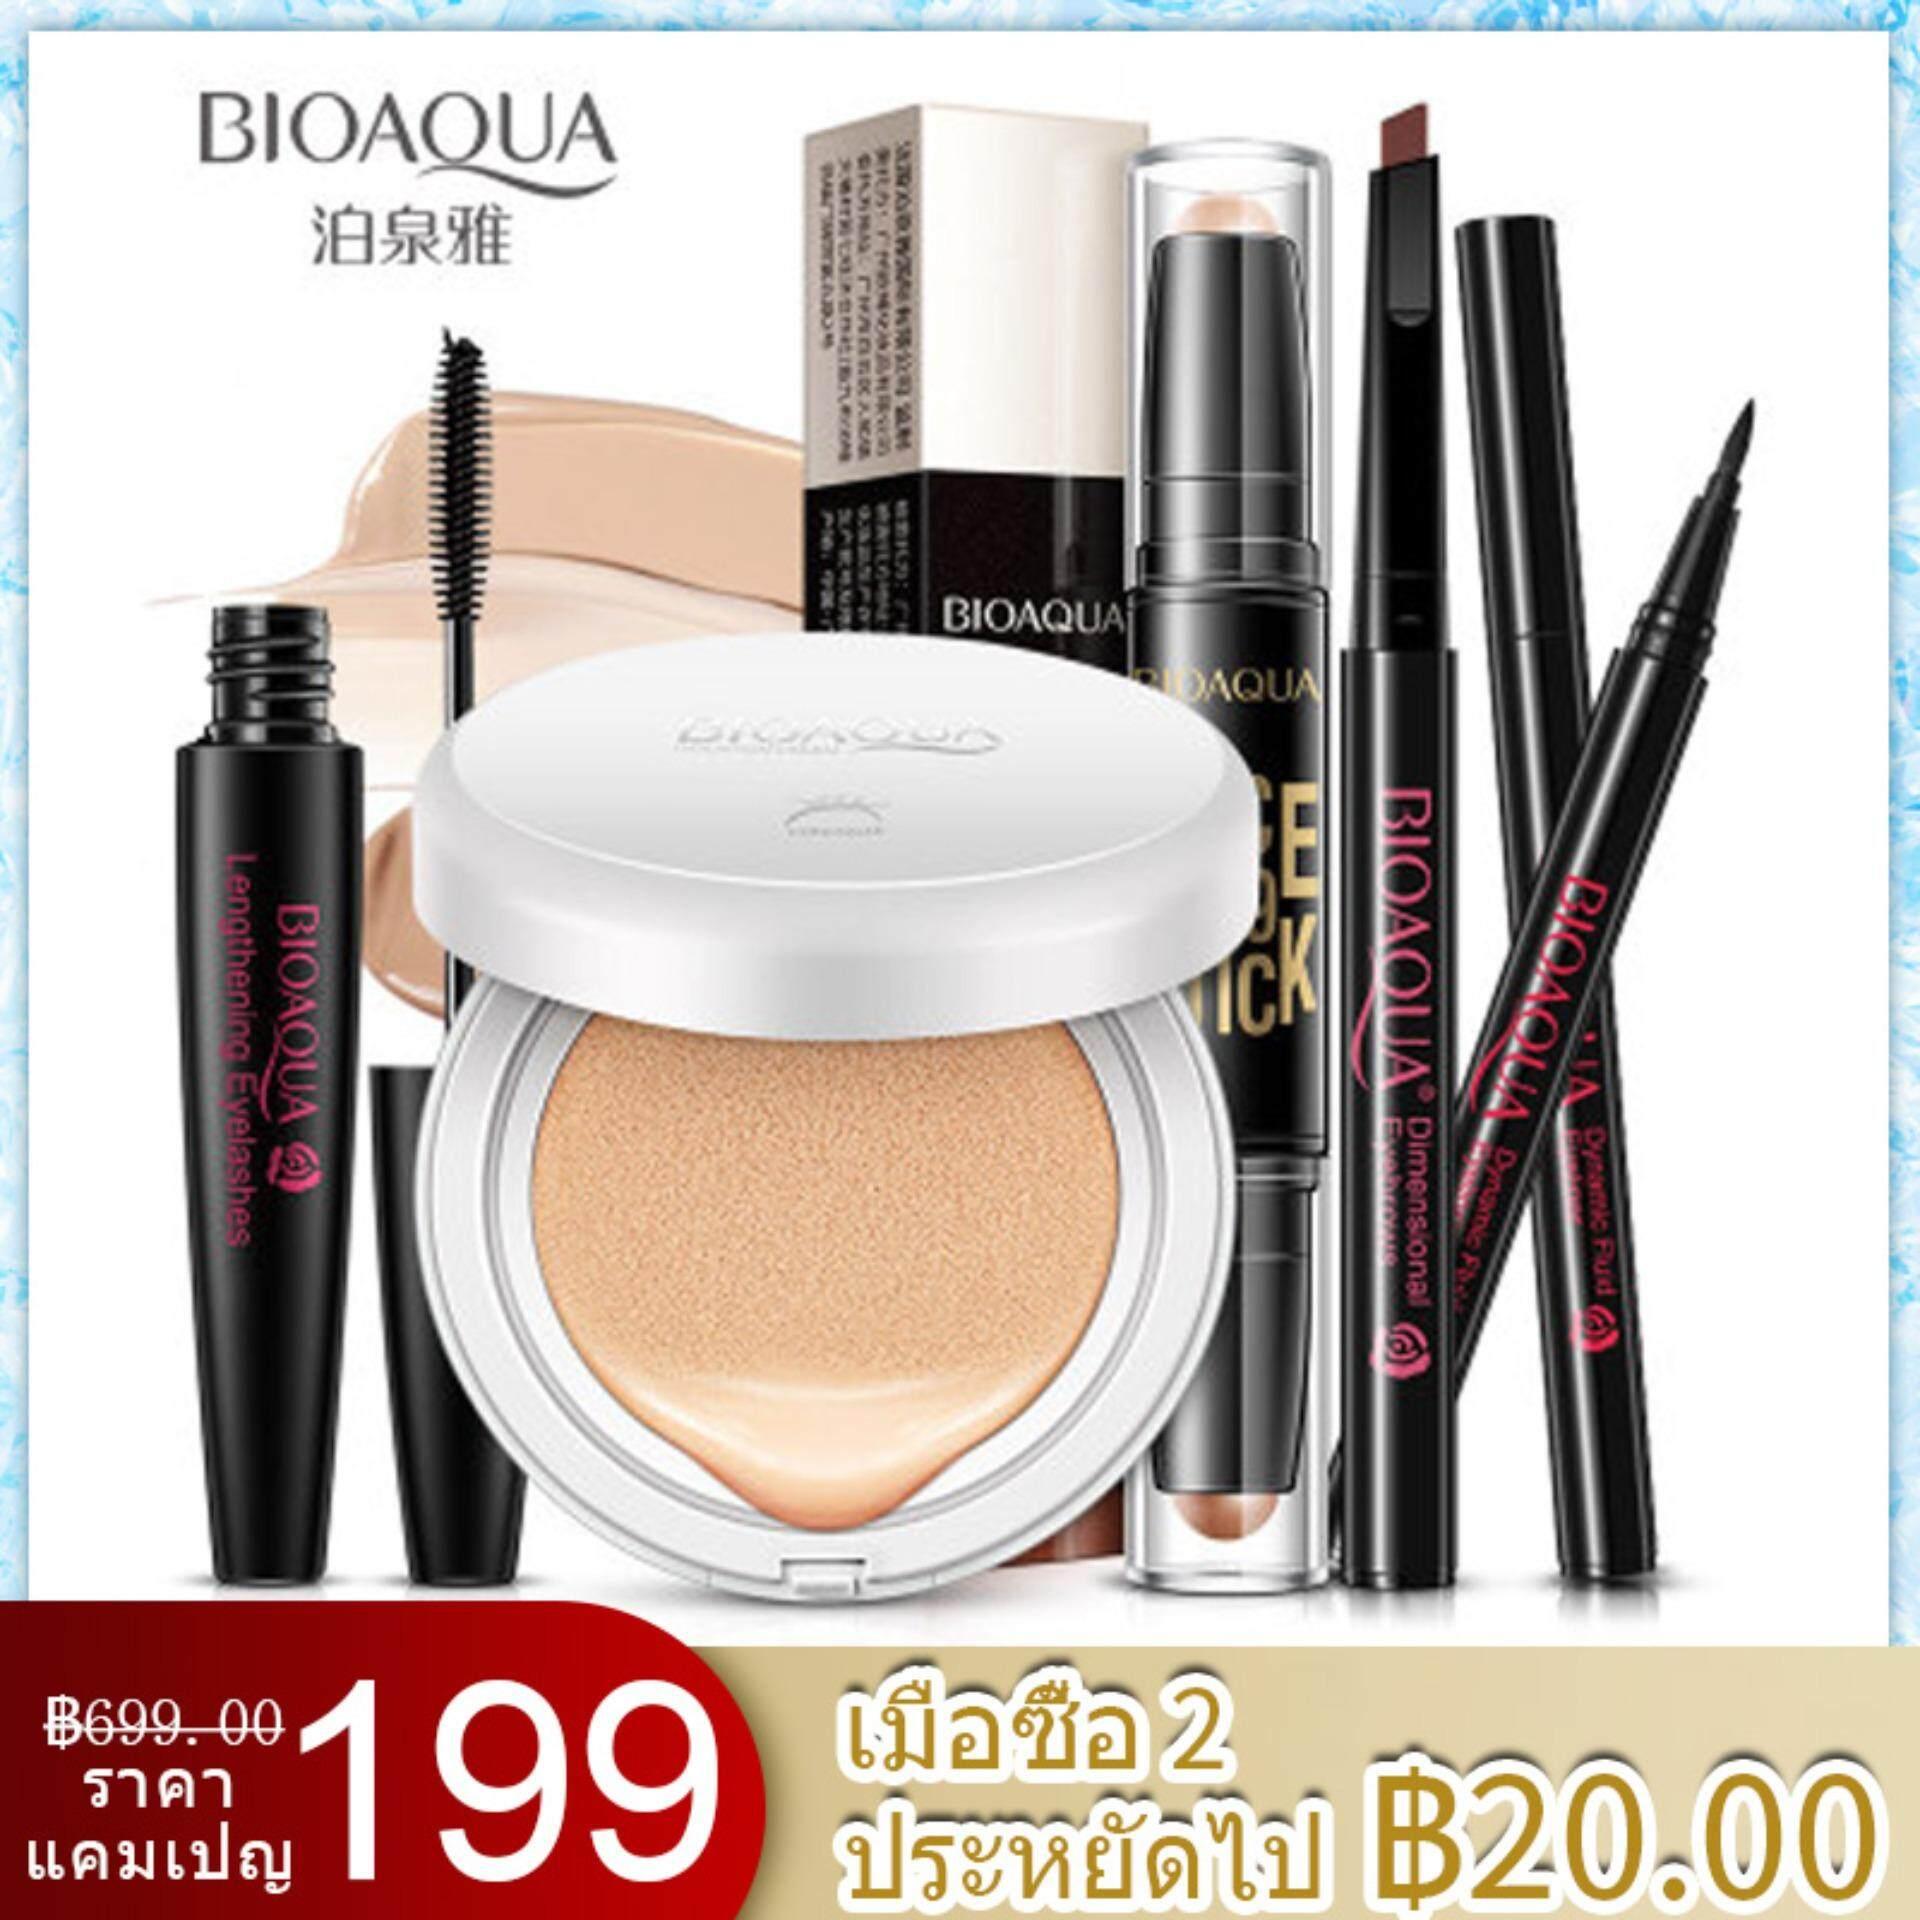 เซ็ตสุดคุ้ม!!!! Bioaqua Makeup Set 5 ชิ้น ใน 1 เซ็ต ดินสอเขียนคิ้ว 012 + อายไลเนอร์ + มาสคาร่า + บีบีครีมสีธรรมชาติ +คอนซิลเลอร์ สติ๊ก Bb Cream, Concealer Stick, Eyebrow Mascara, Eyeliner Beauty Makeup Set By Happy.mart.